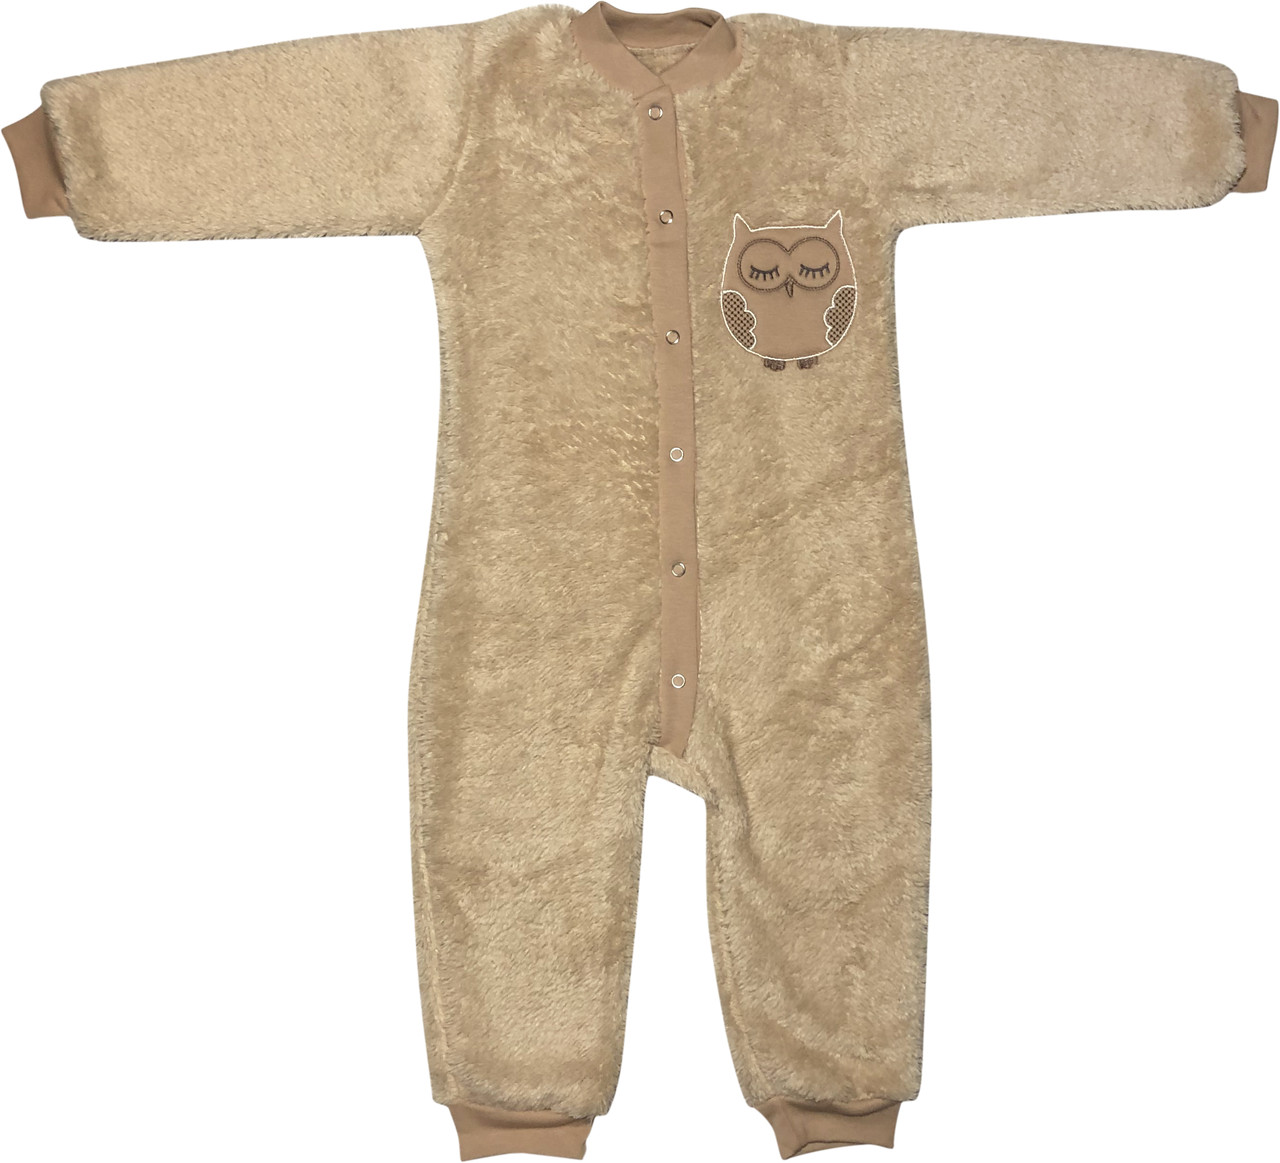 Теплий чоловічок сліп для малюків ріст 92 1,5-2 роки на хлопчика дівчинку махровий з відритими ніжками бежевий